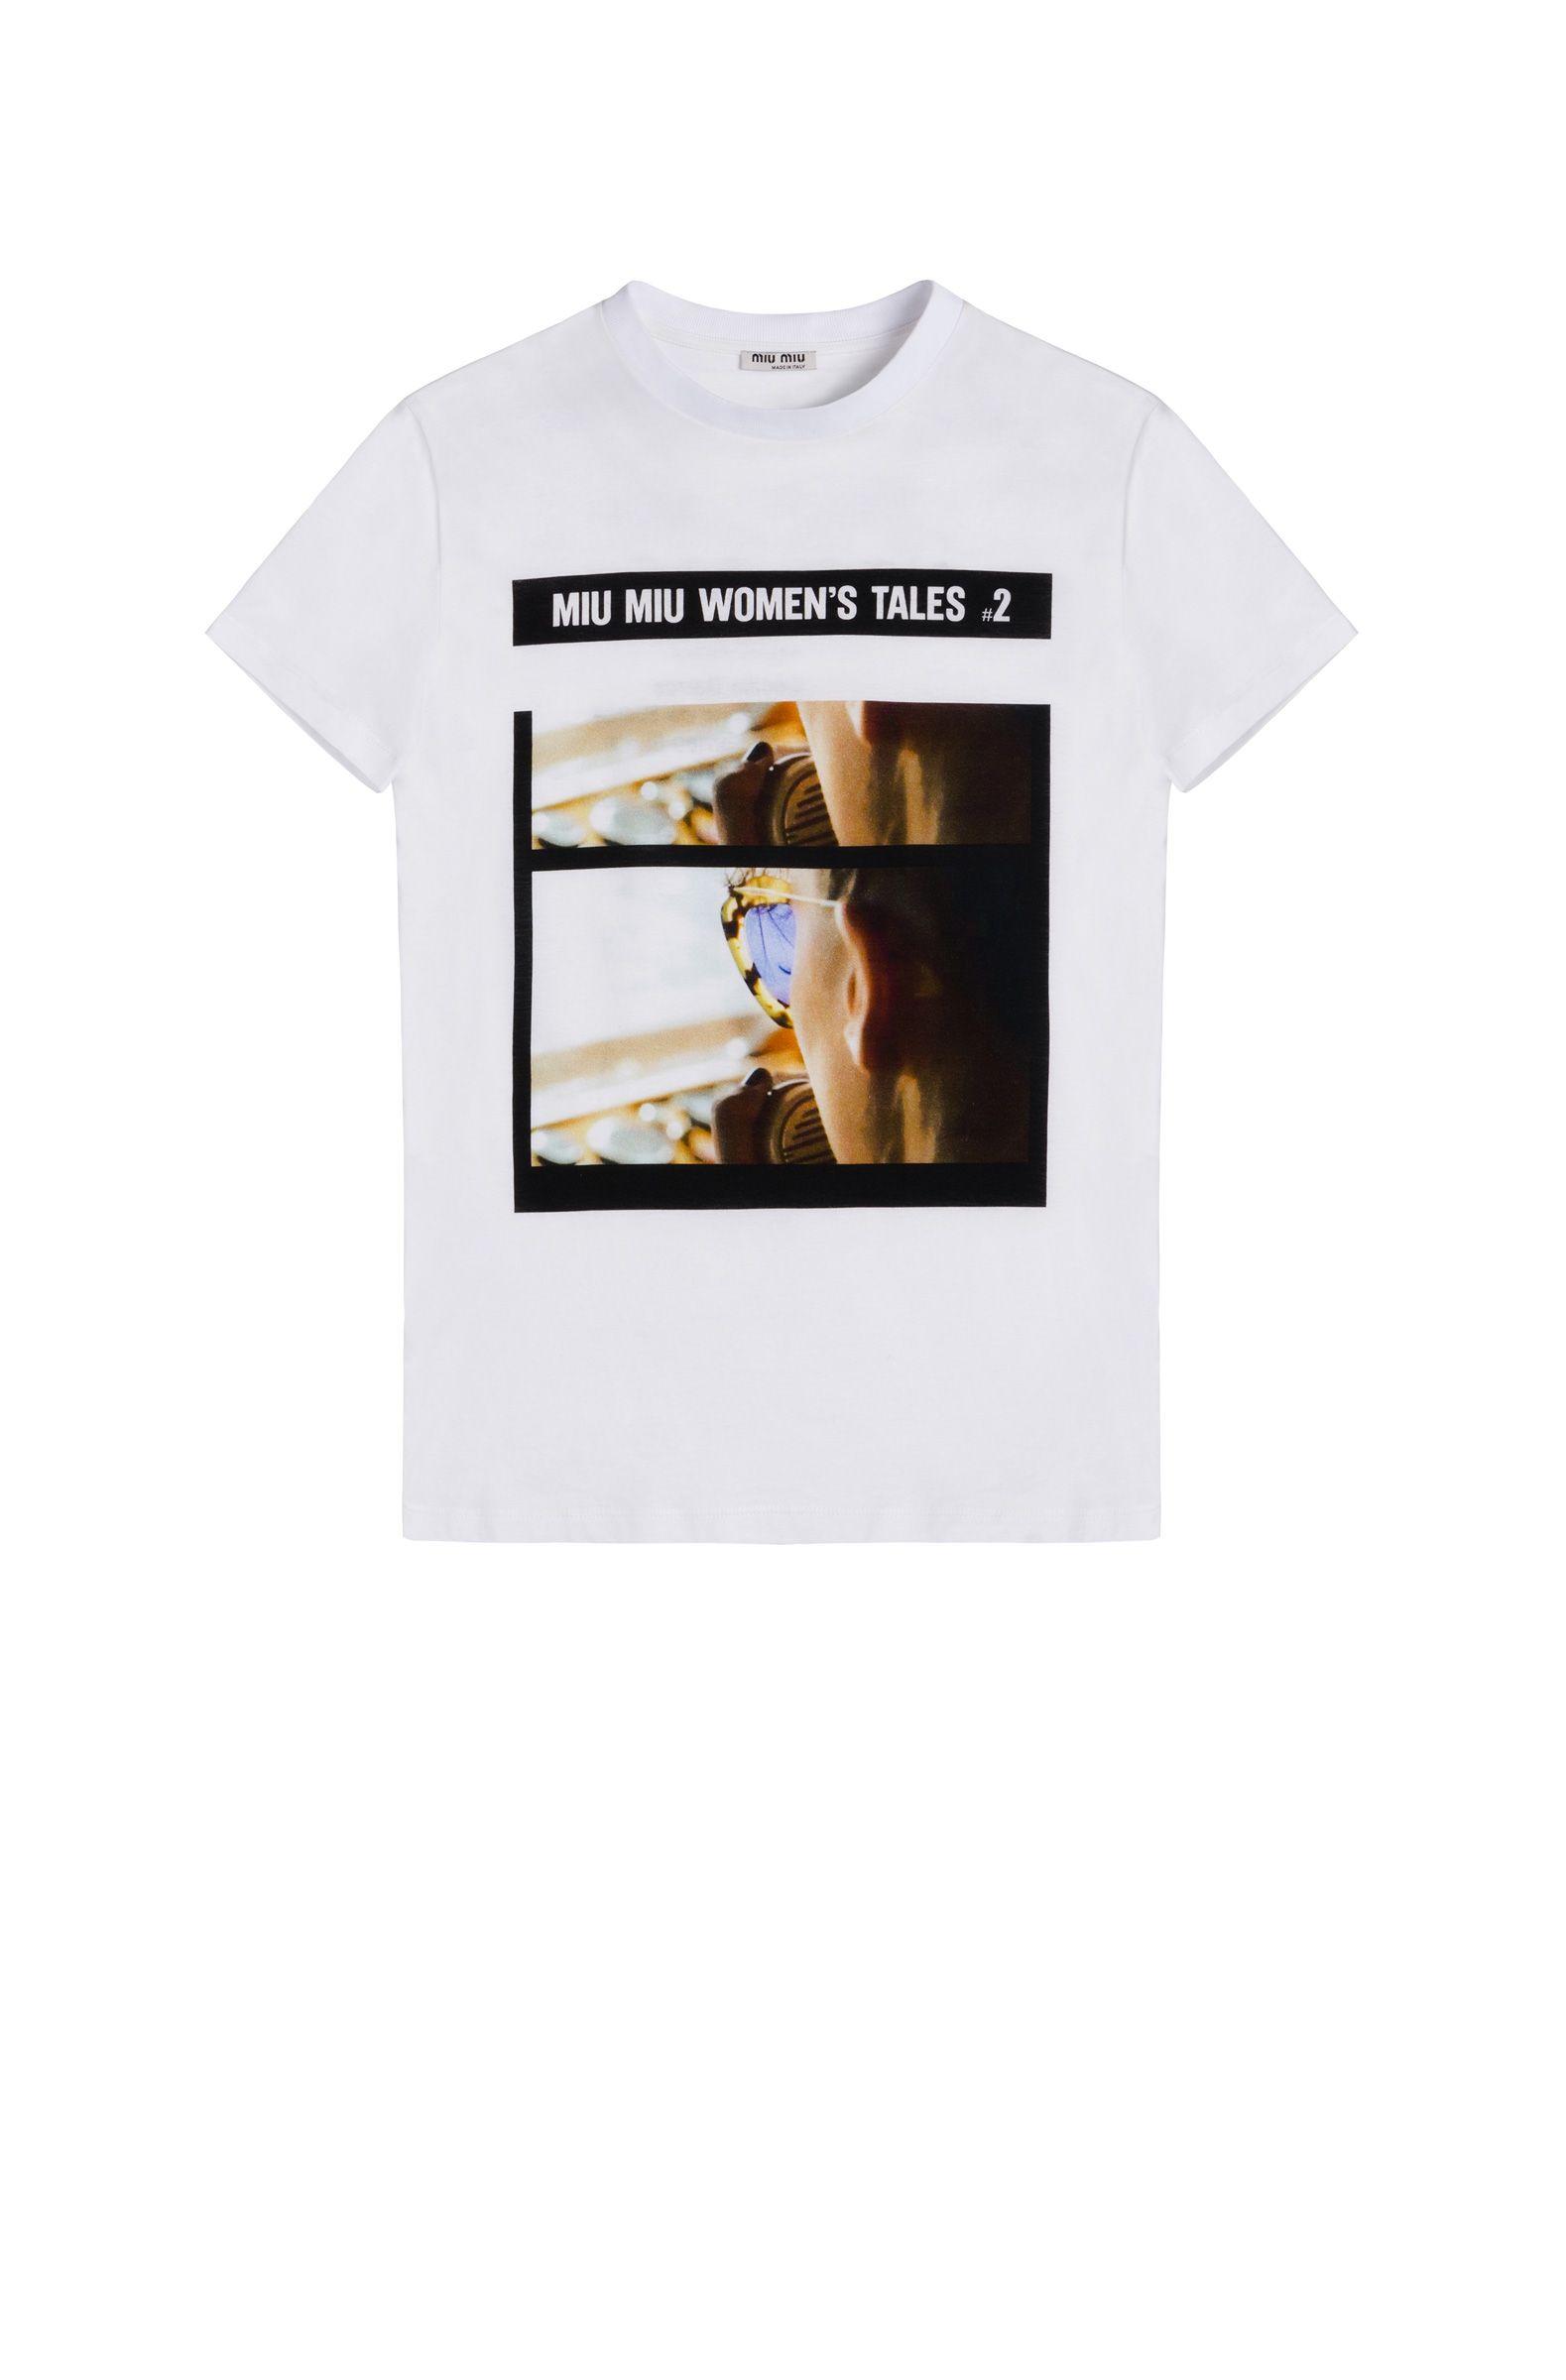 miu miu camisetas